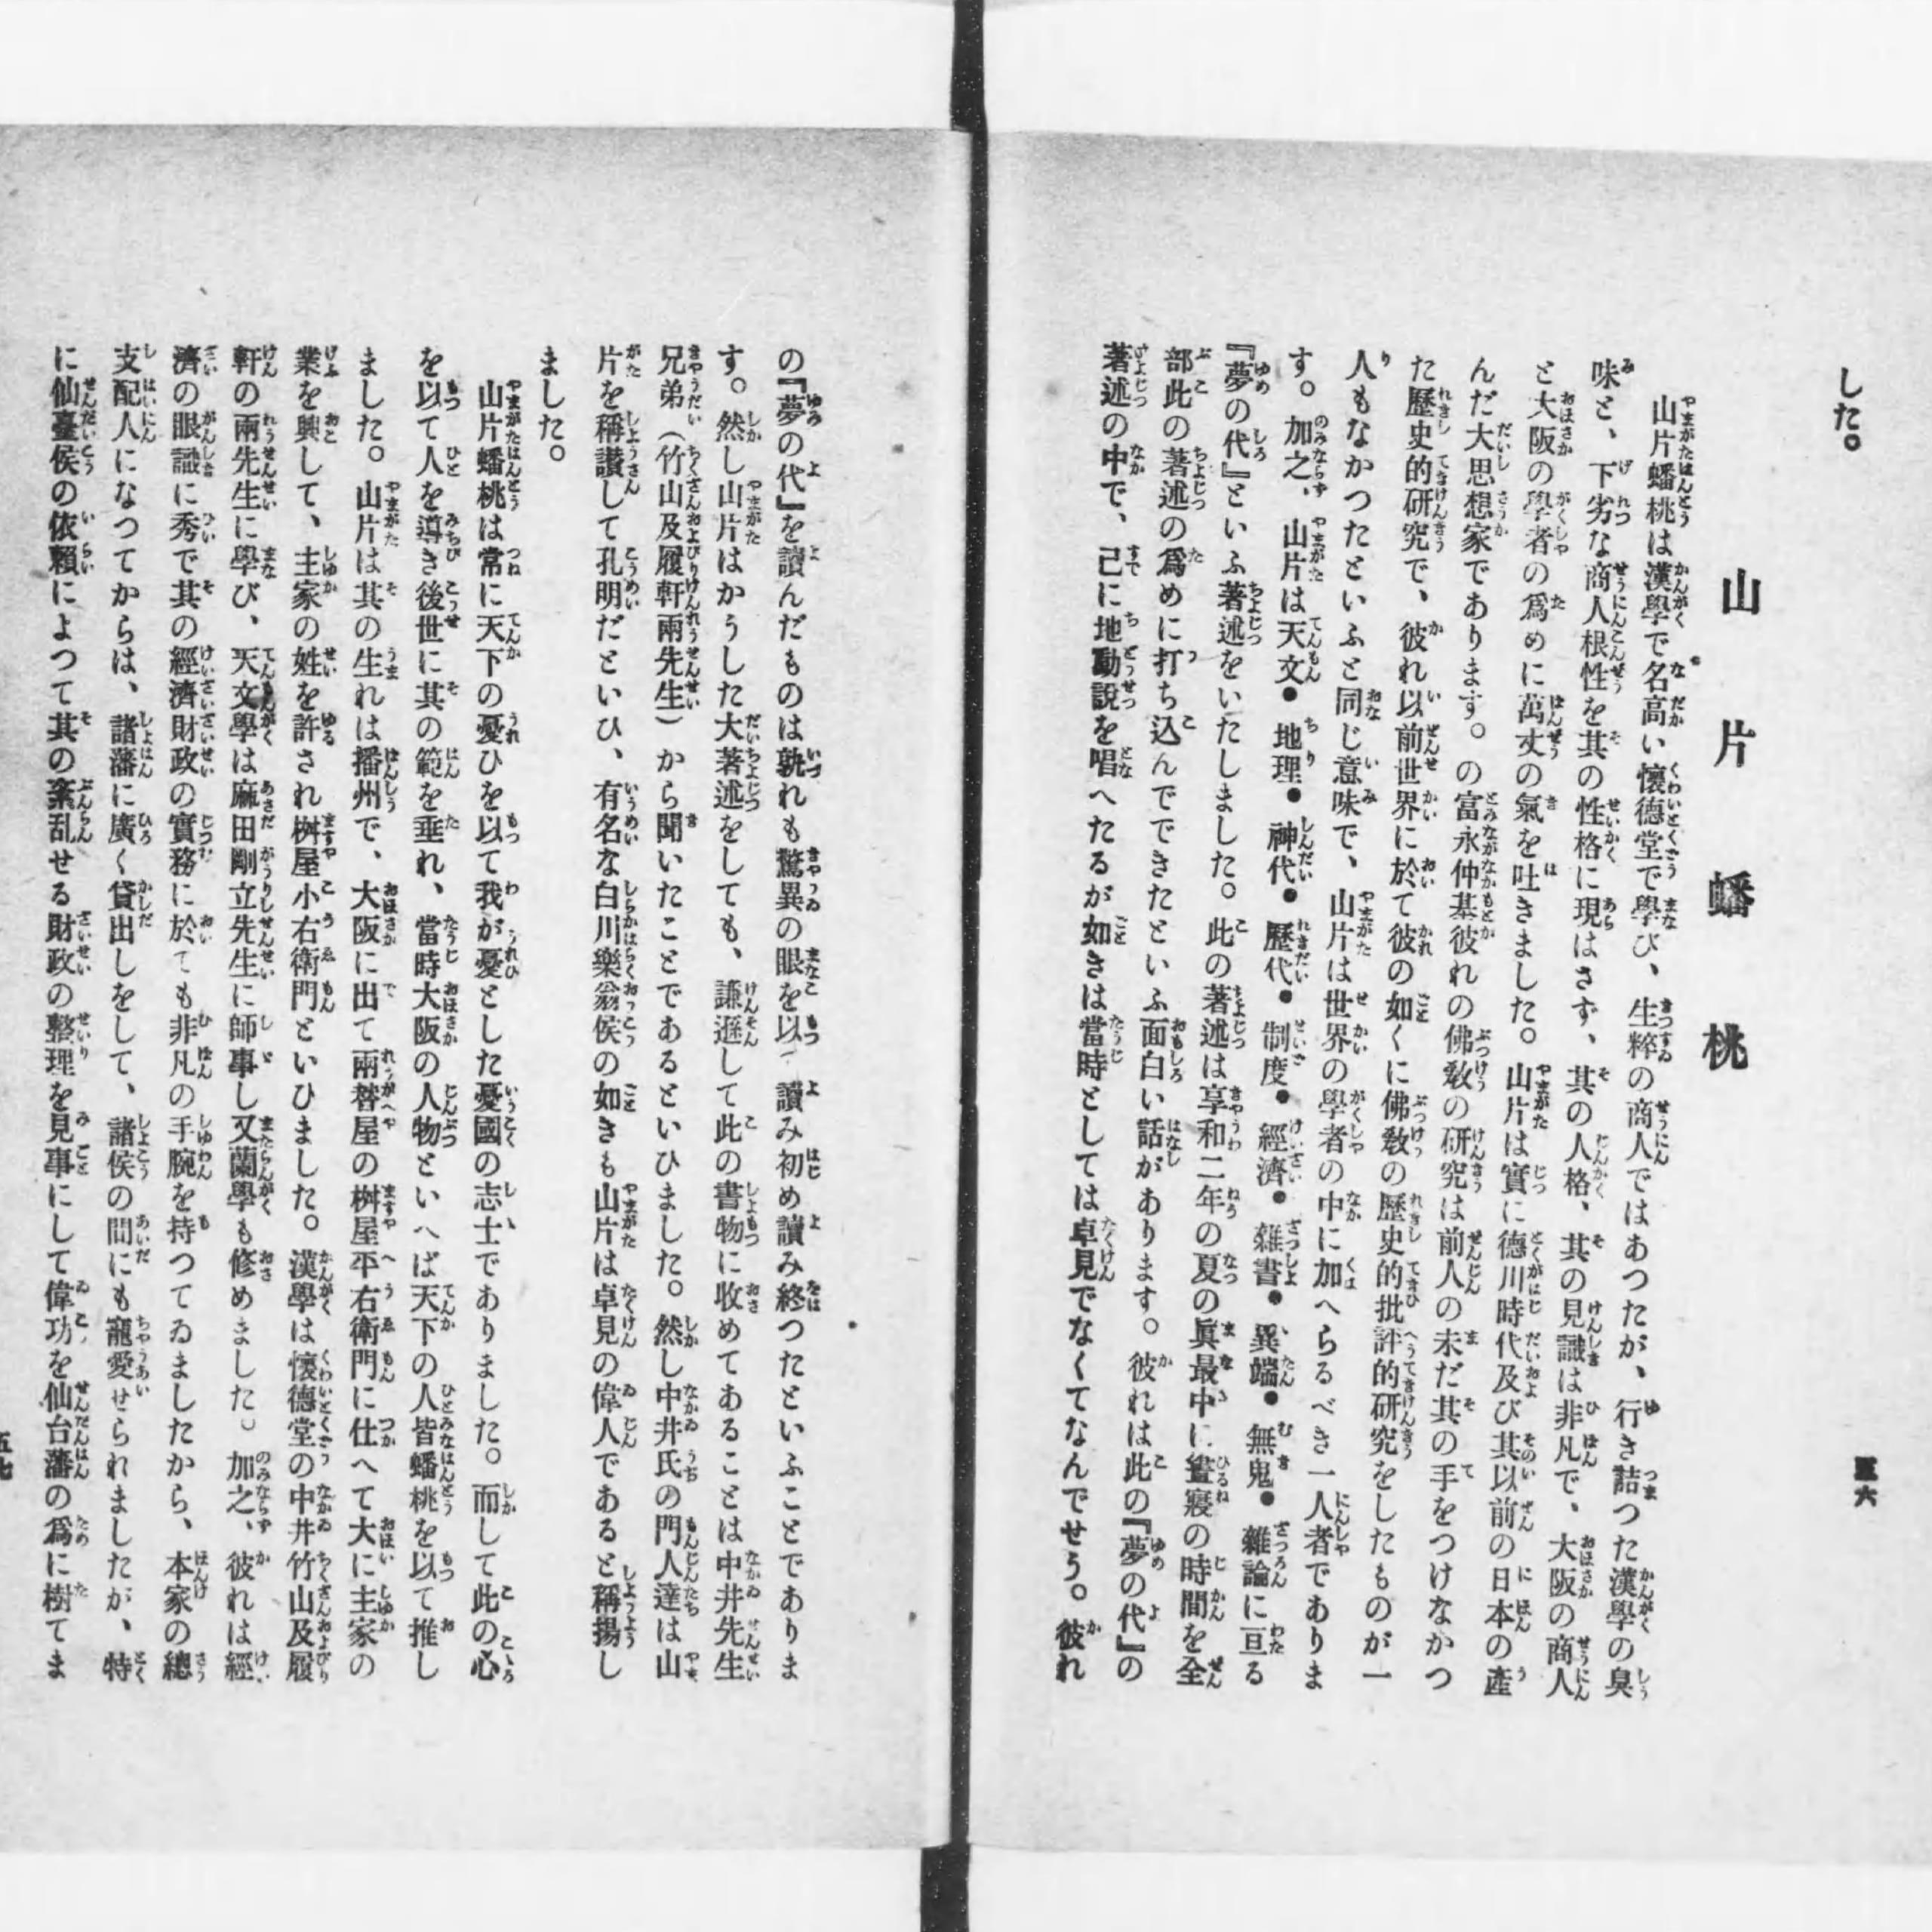 江戸時代に山片蟠桃に推理された聖徳太子暗殺説